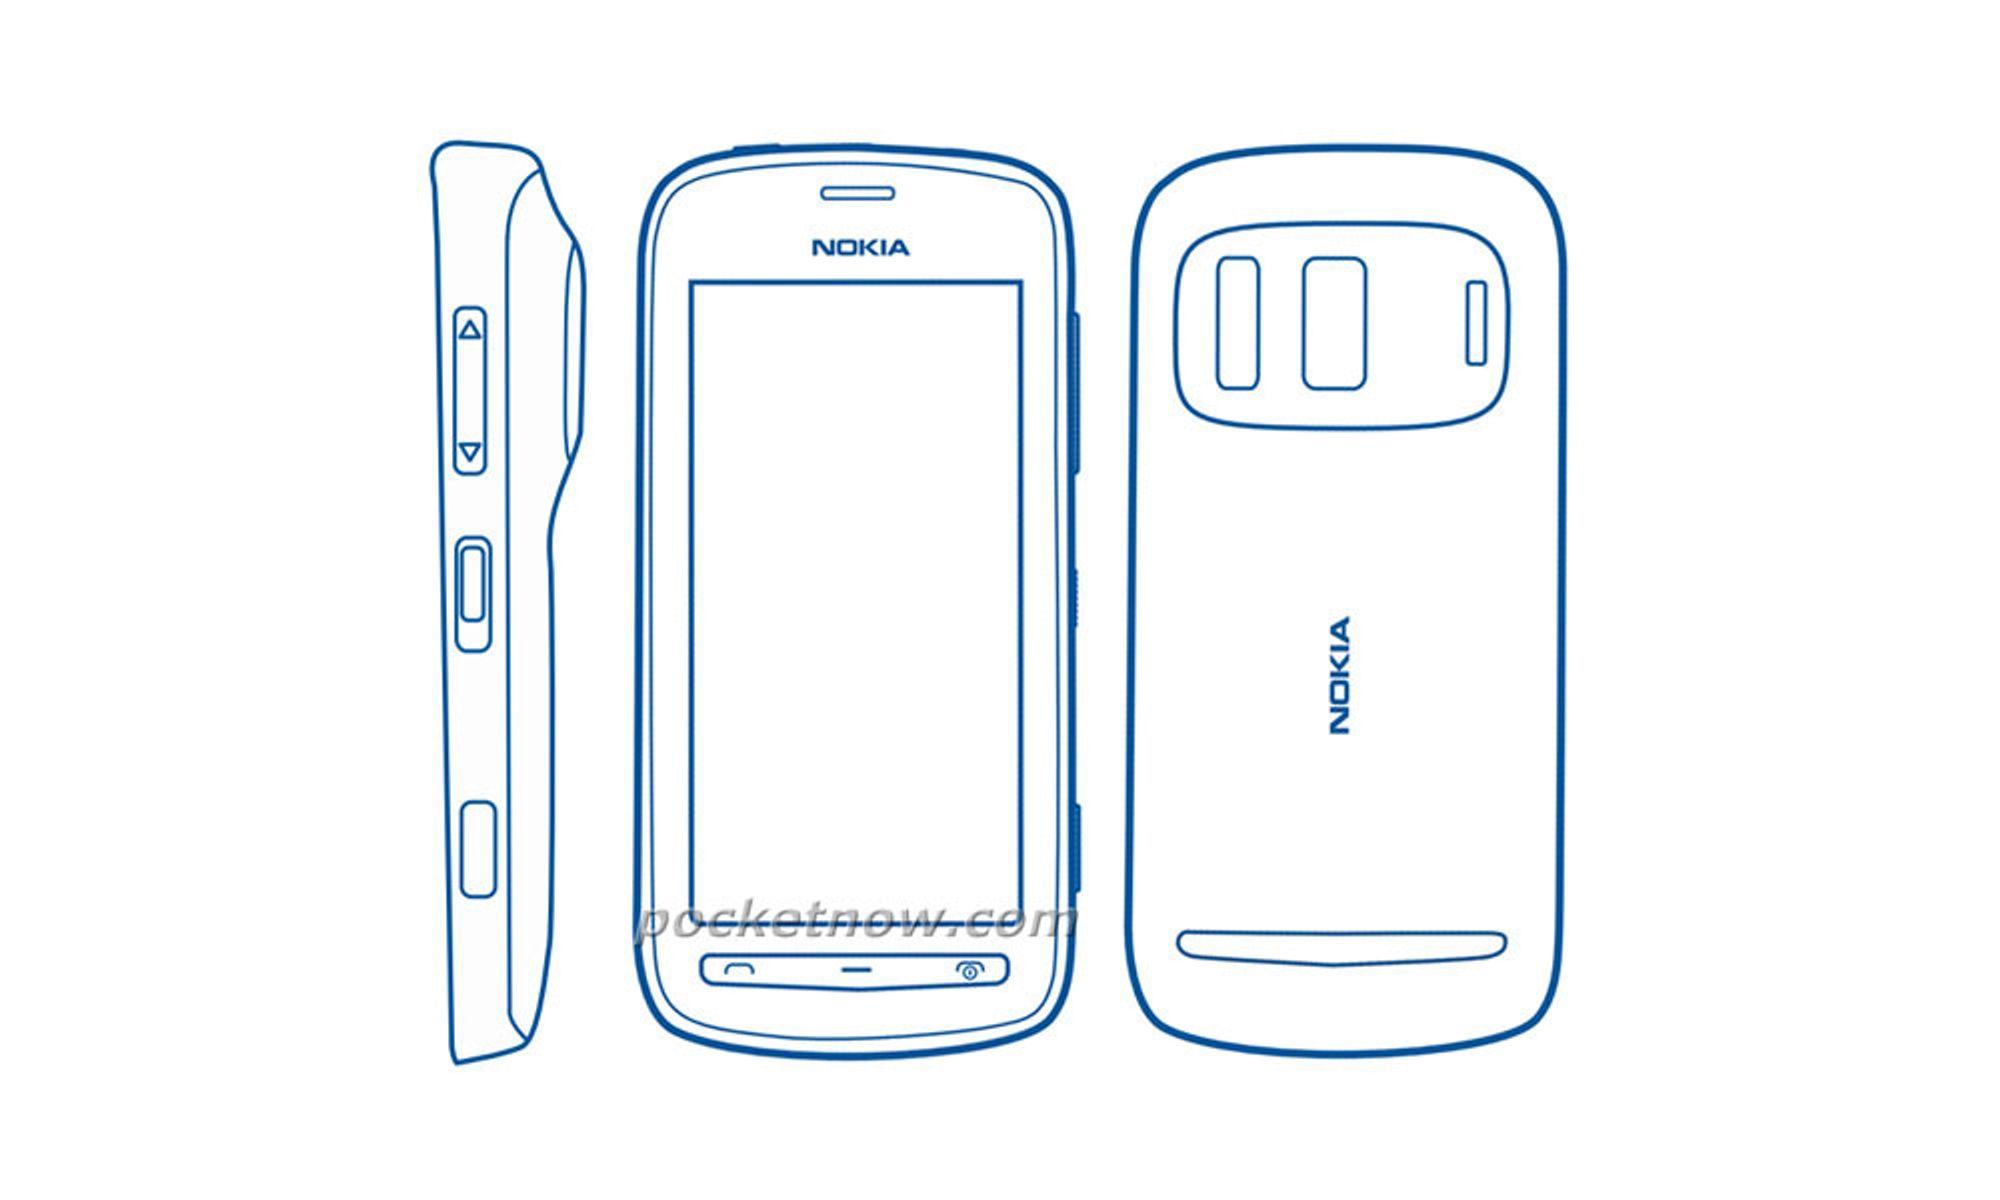 Dette kan være oppfølgeren til Nokia N8